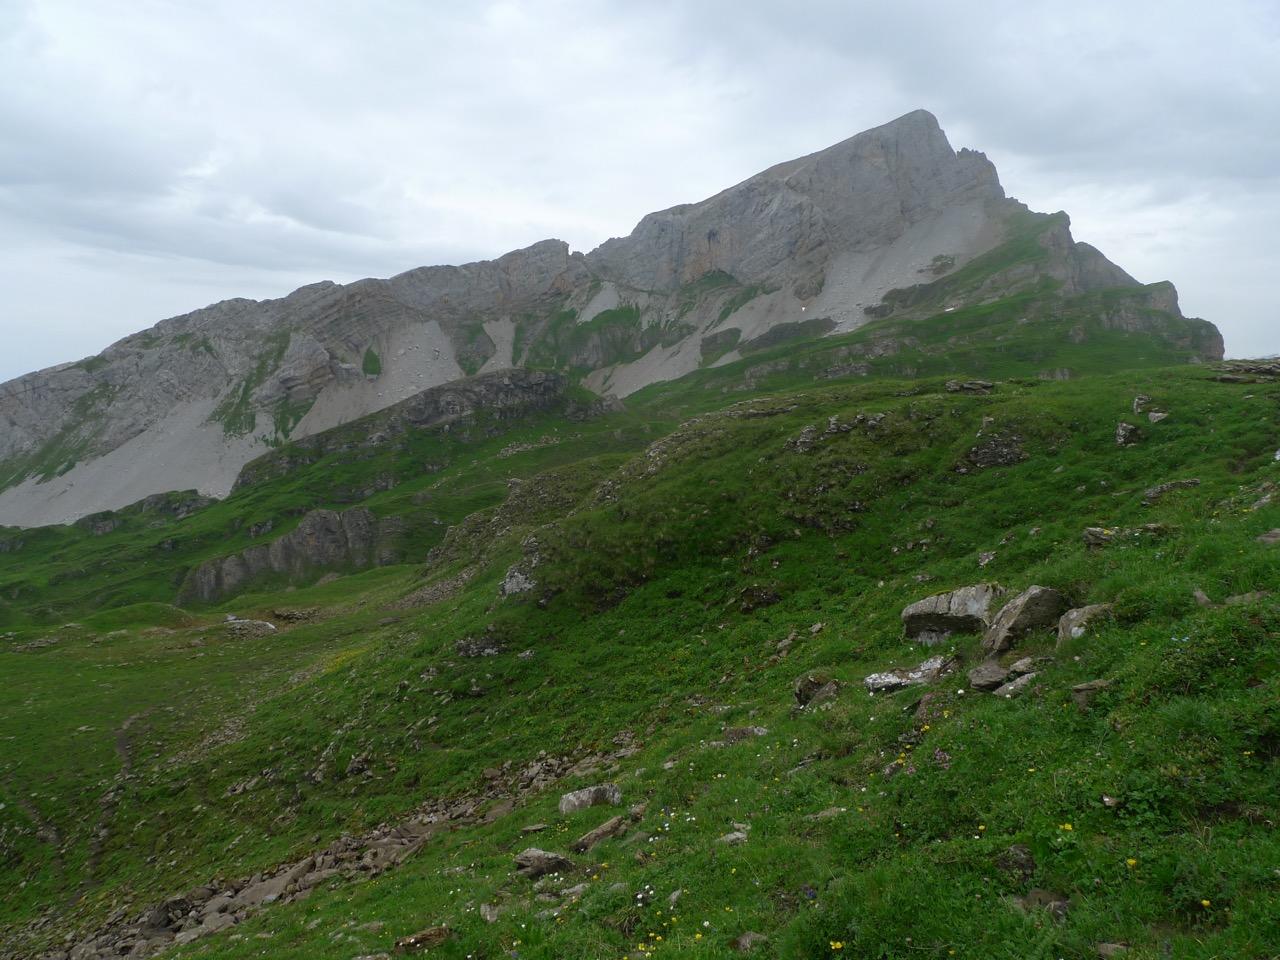 Rückblick zum Chaiserstock, deutlich sichtbar der Einschnitt des Chaisertors